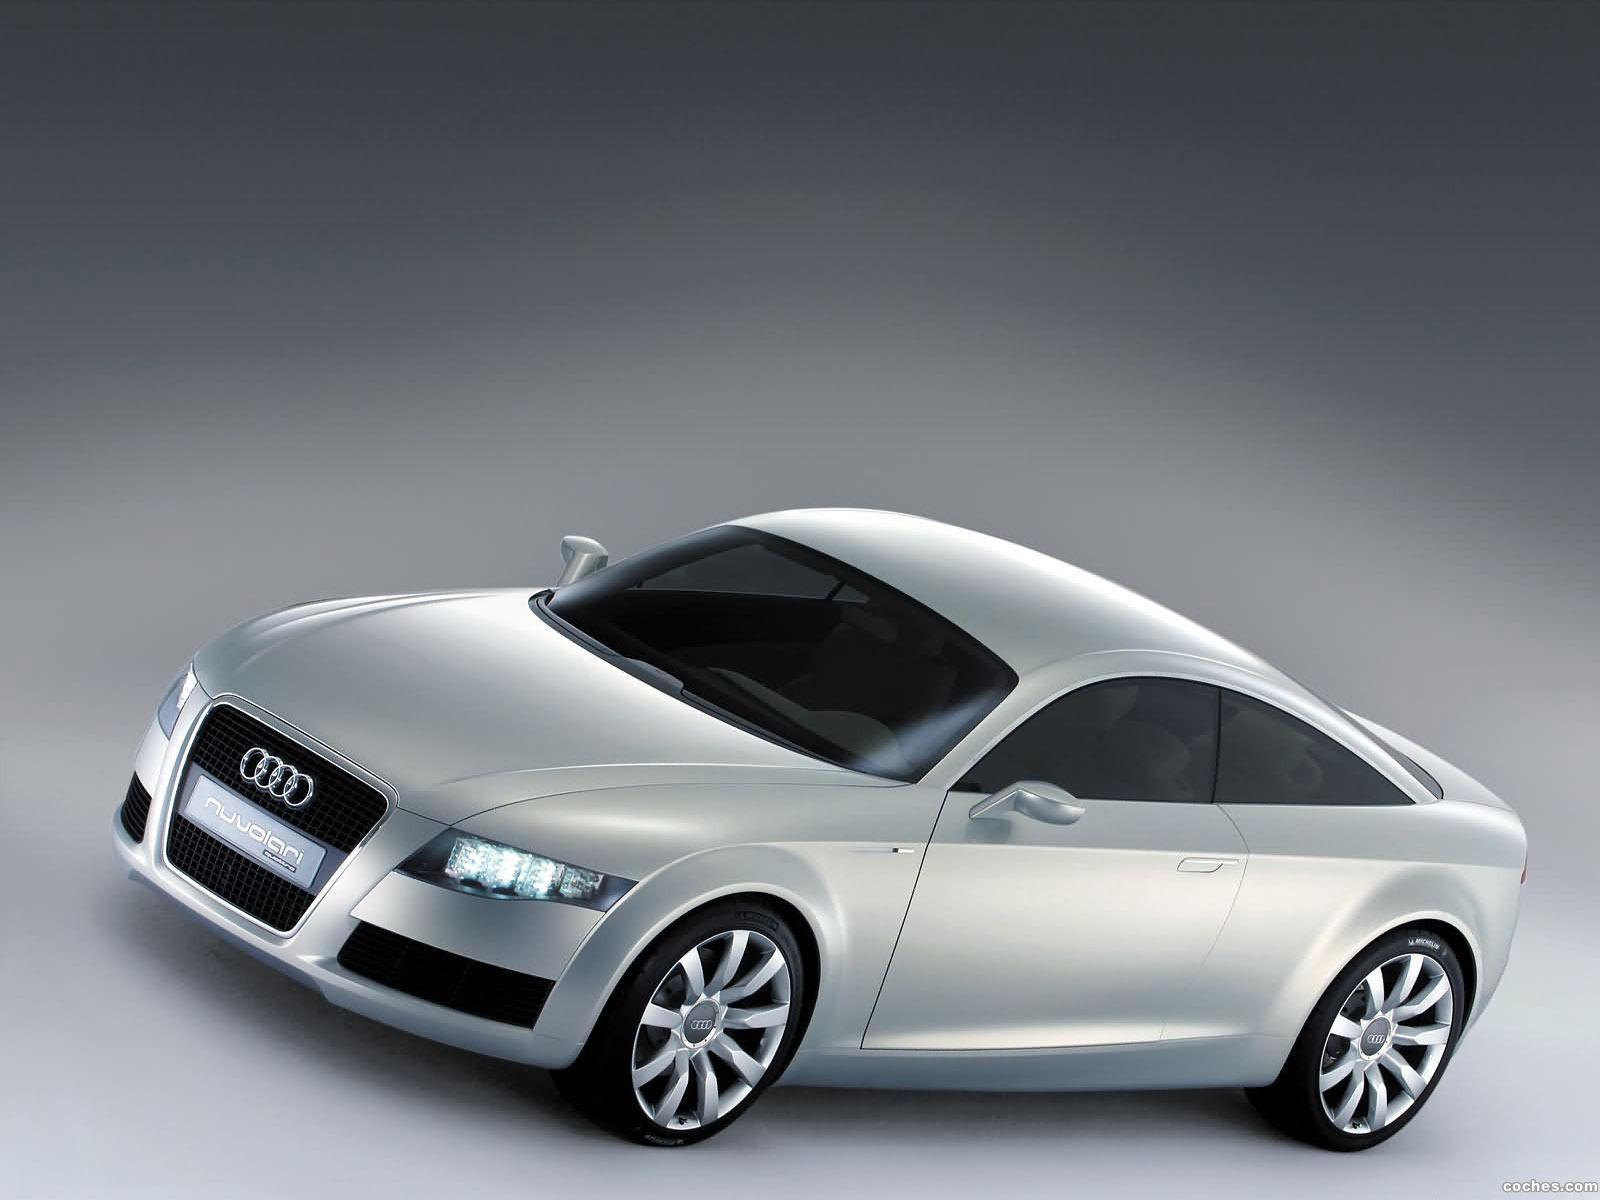 Foto 0 de Audi Nuvolari Quattro Concept 2003